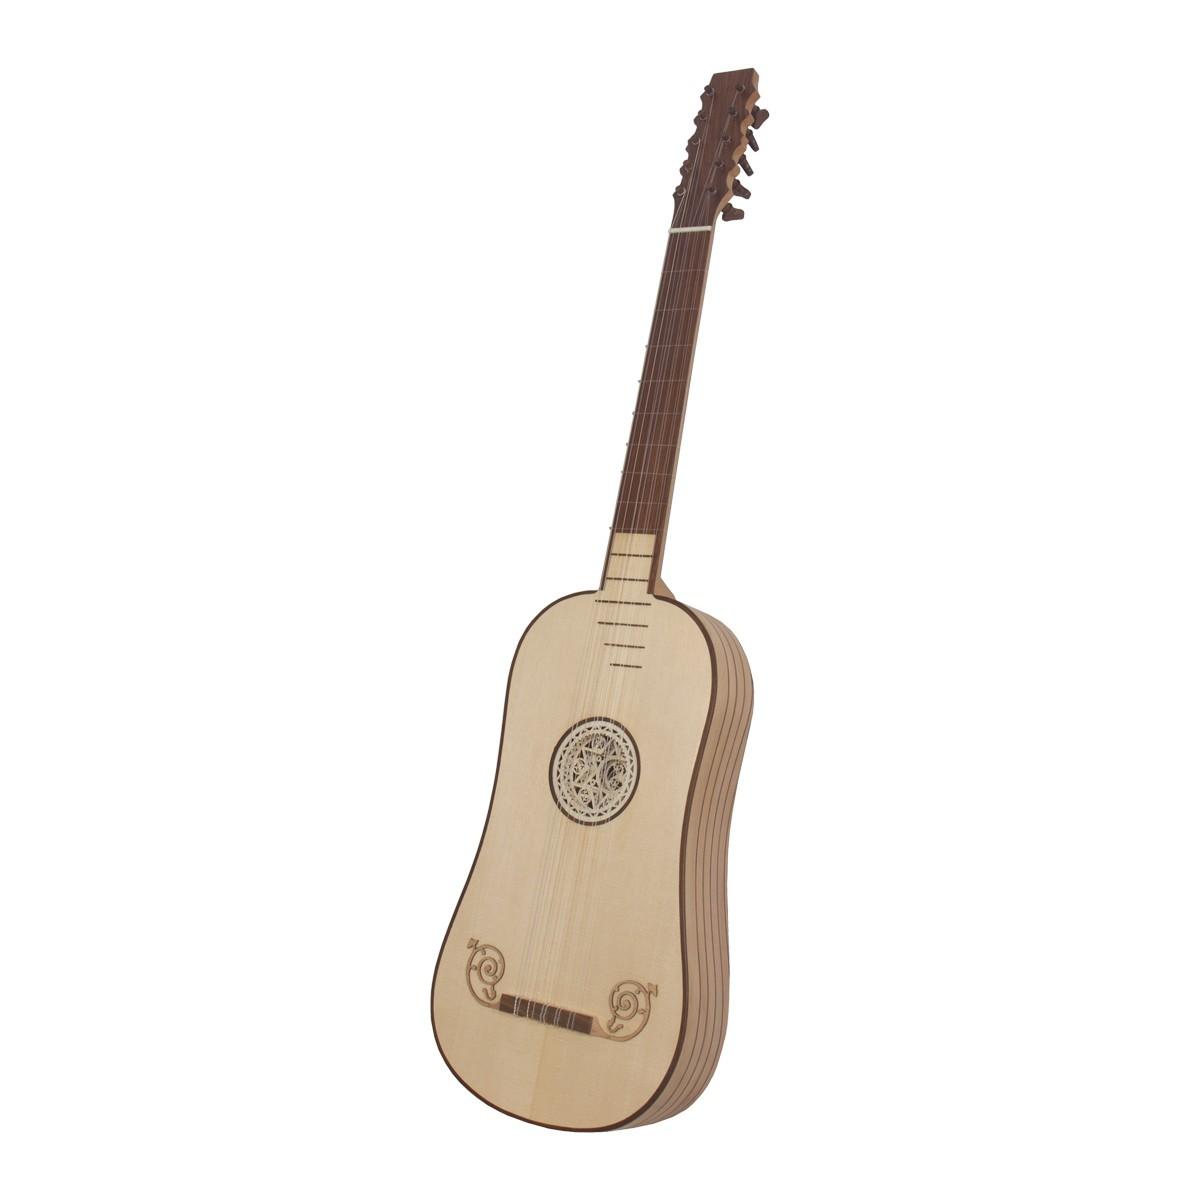 Roosebeck Baroque Guitar 5-course